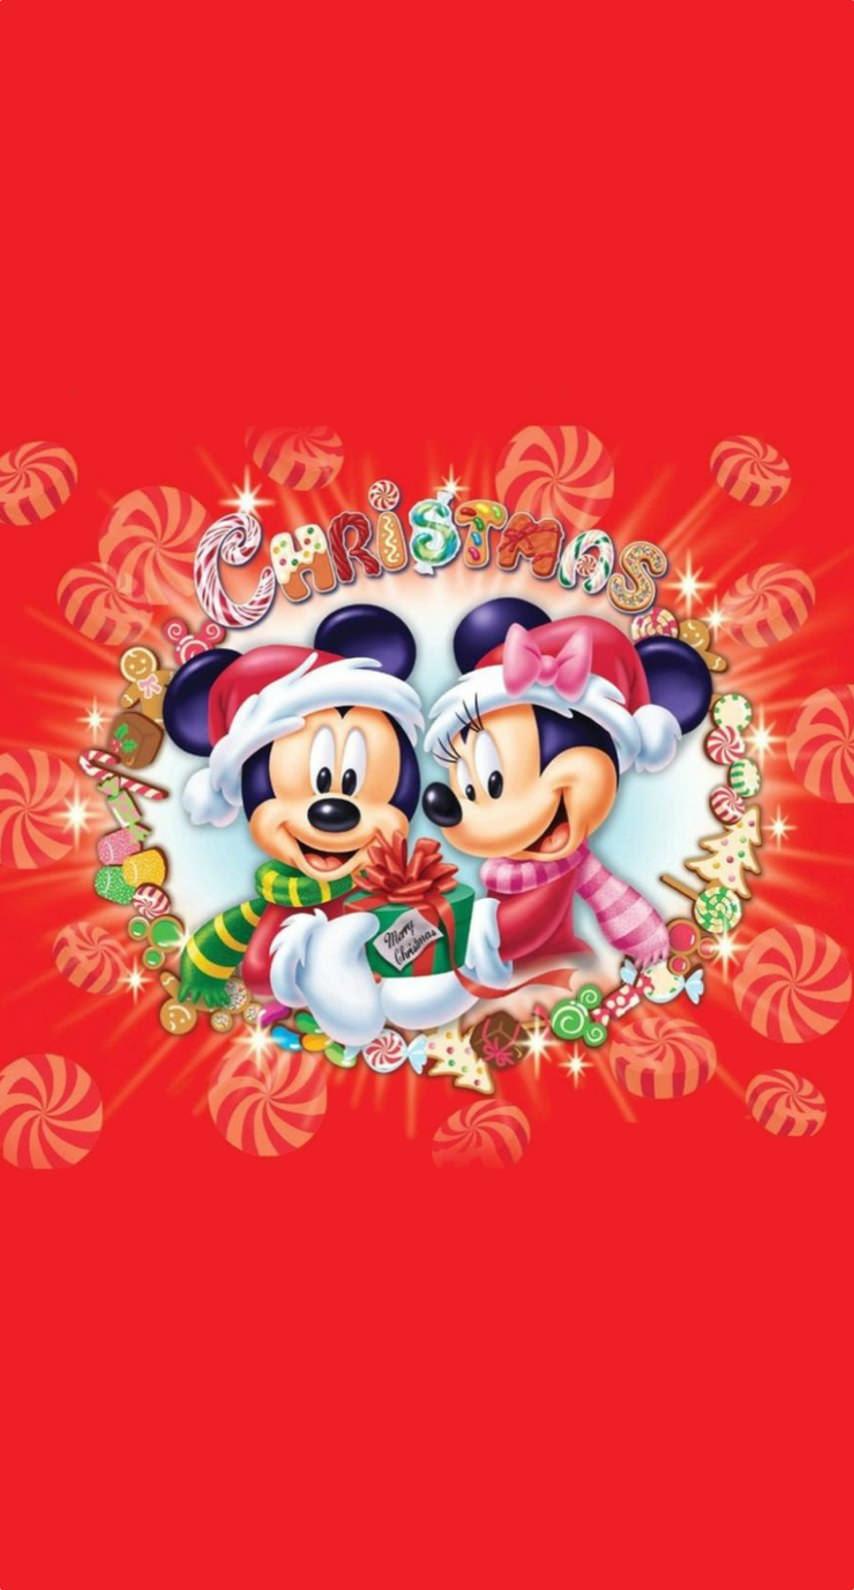 ミッキーとミニーのクリスマス めちゃ人気 Iphone壁紙dj